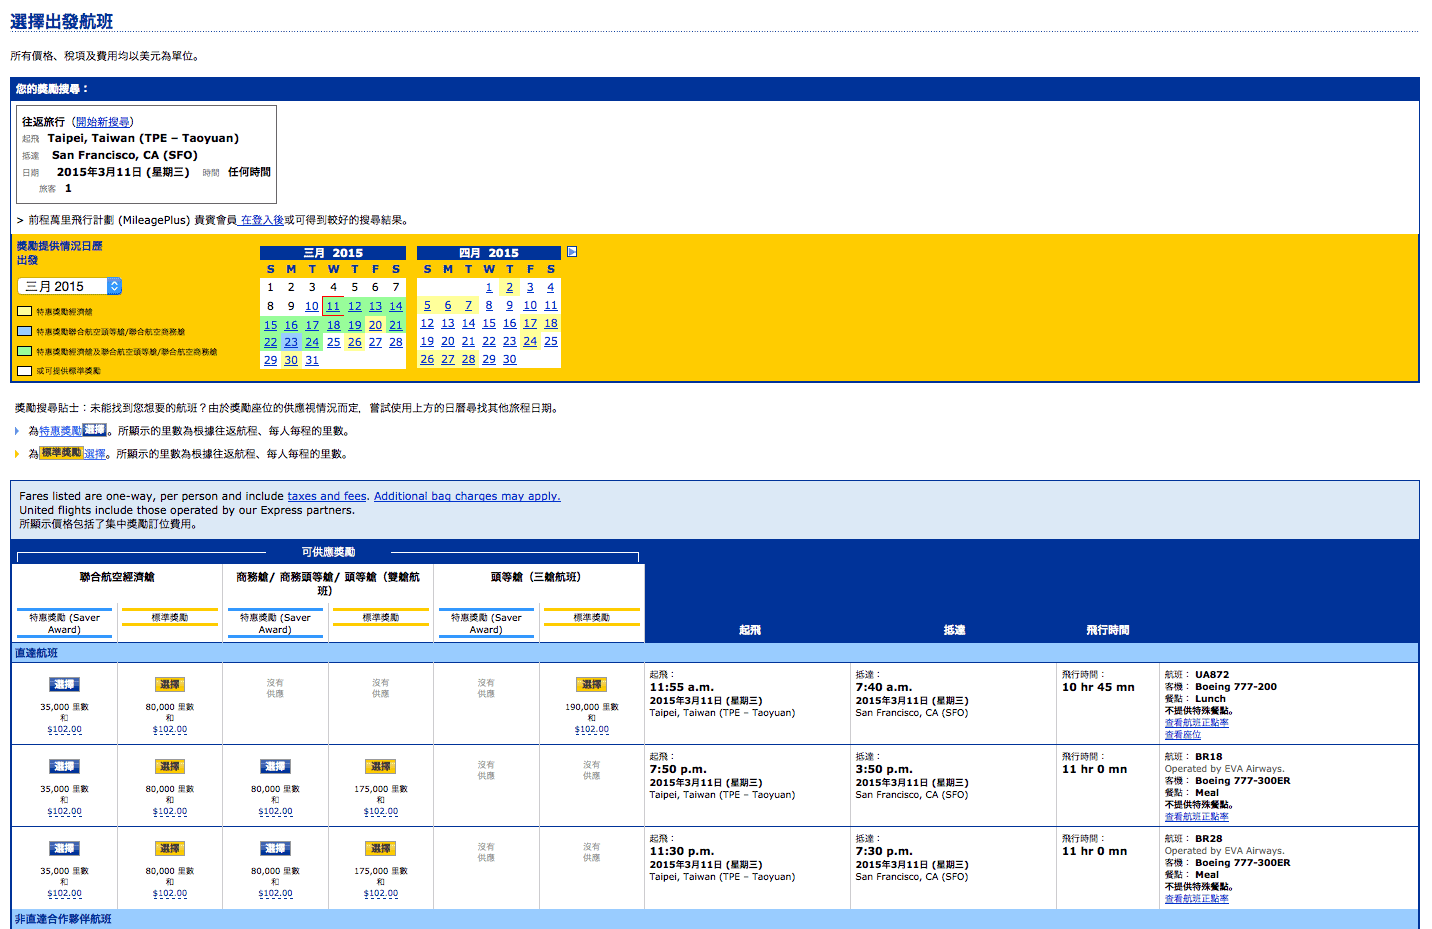 聯合航空的查票系統好用而且可以查詢所有星空聯盟票,為眾多玩家的首選